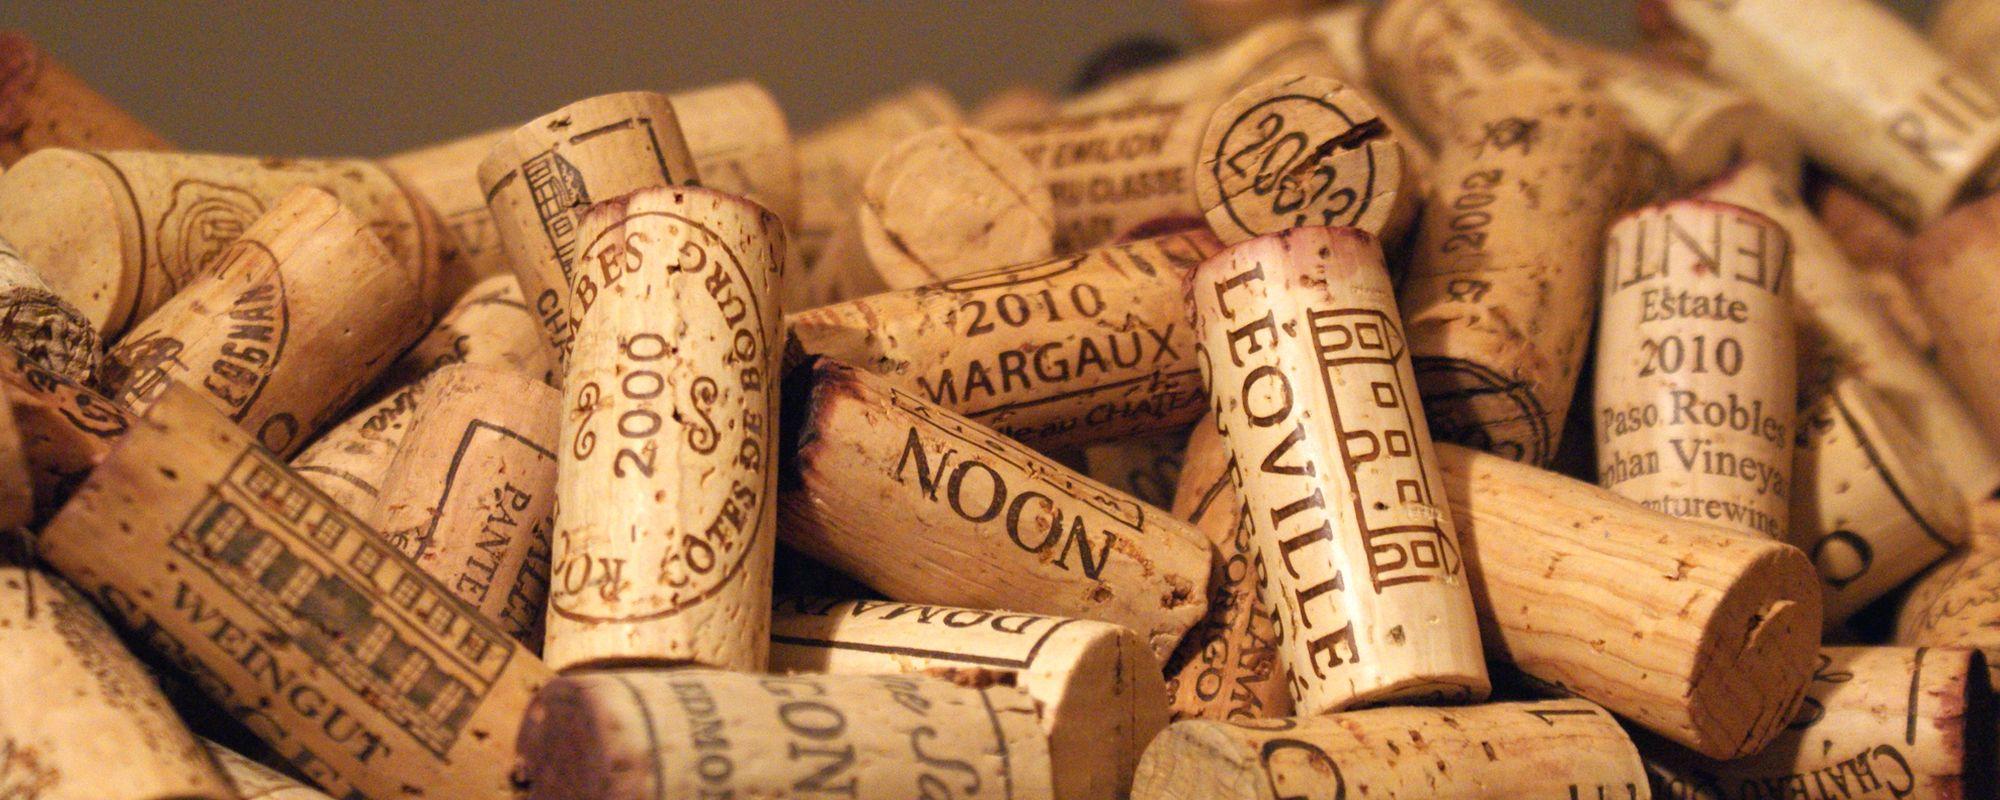 Kontakt zu Weinmanagement Manfred Hailer